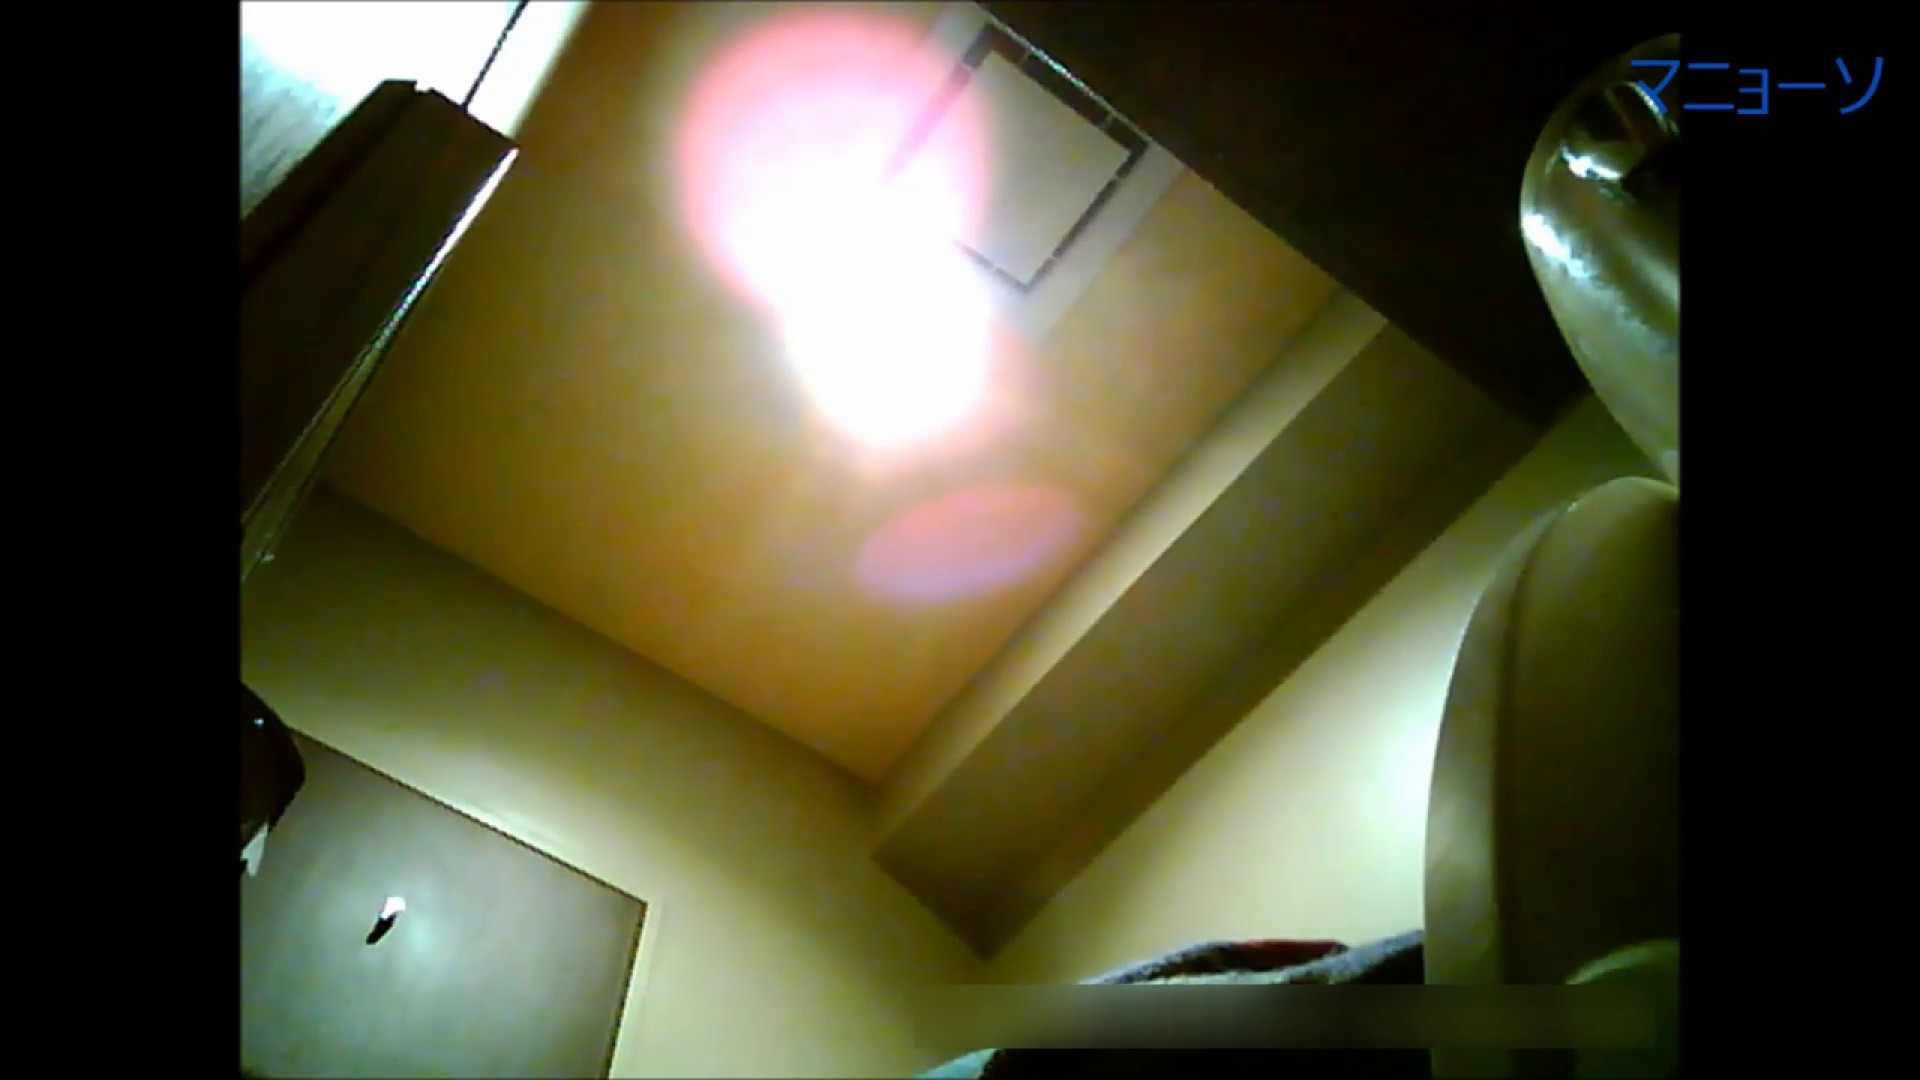 トイレでひと肌脱いでもらいました (JD編)Vol.02 トイレ  80pic 30